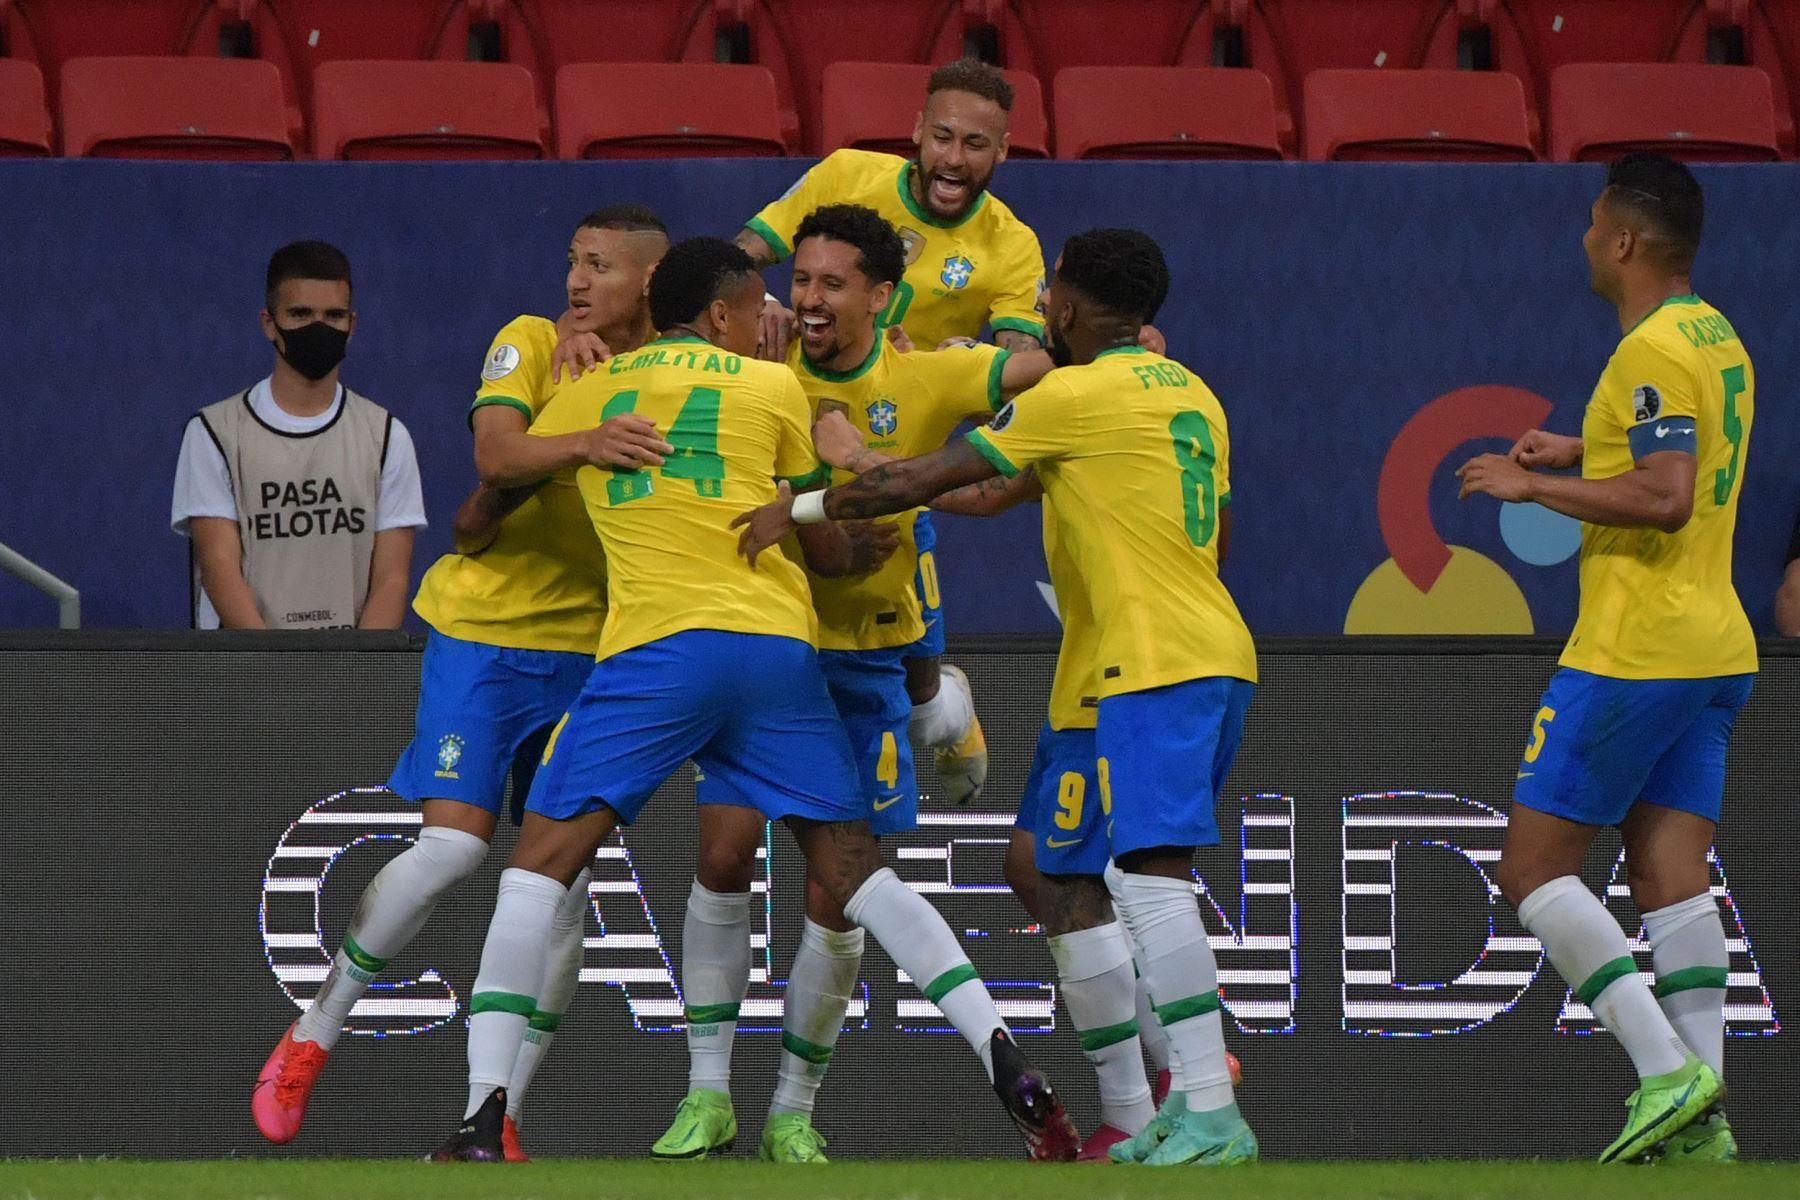 Marquinhos de Brasil celebra con sus compañeros de equipo tras anotar contra Venezuela durante el partido de la fase de grupos del torneo de fútbol Conmebol Copa América 2021 en el Estadio Mane Garrincha de Brasilia. Foto: AFP